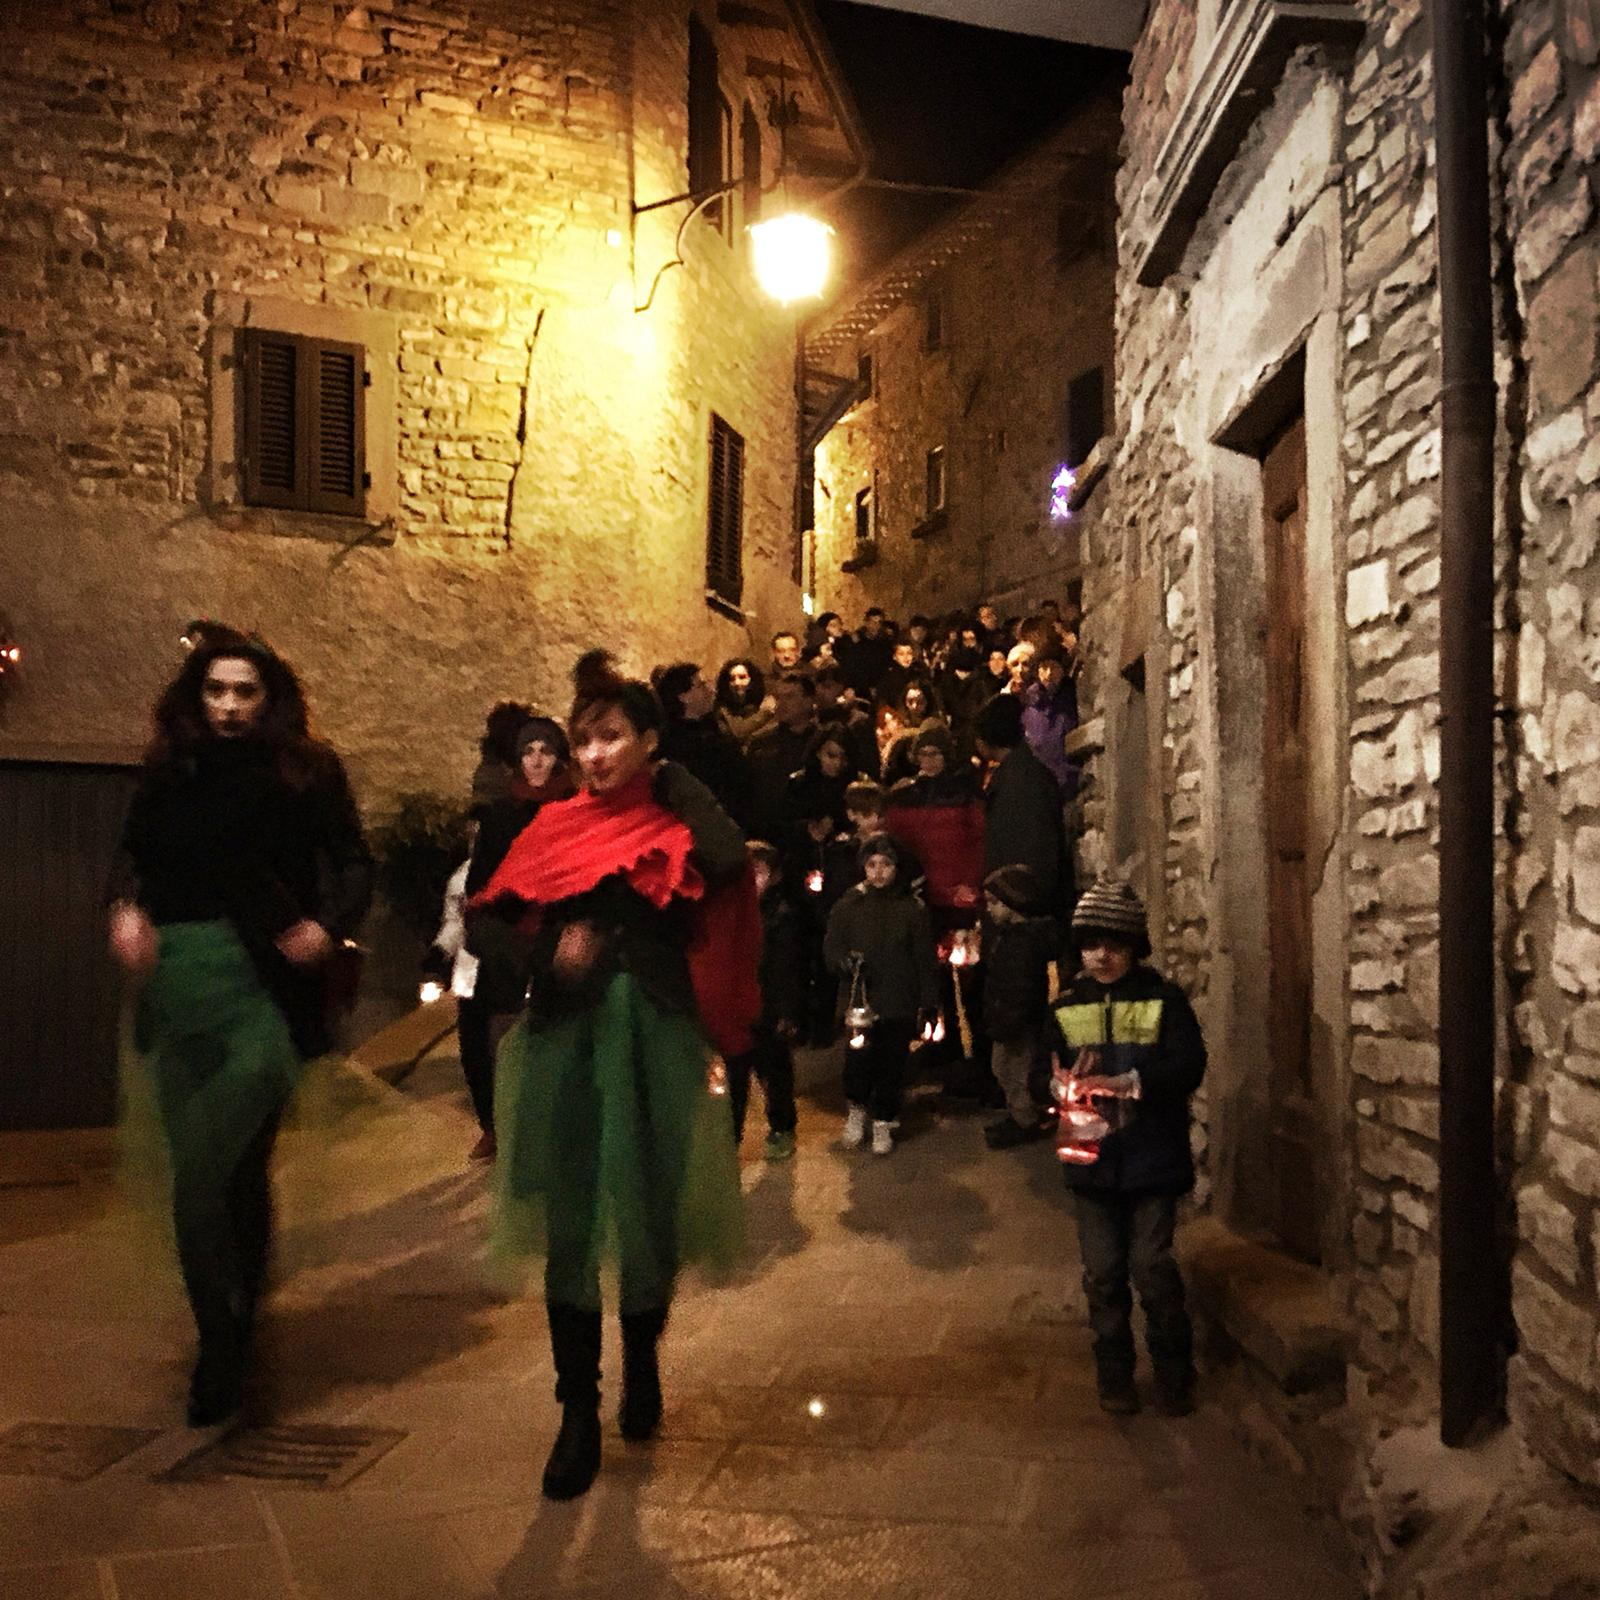 Camminata delle lanterne nel borgo storico 3